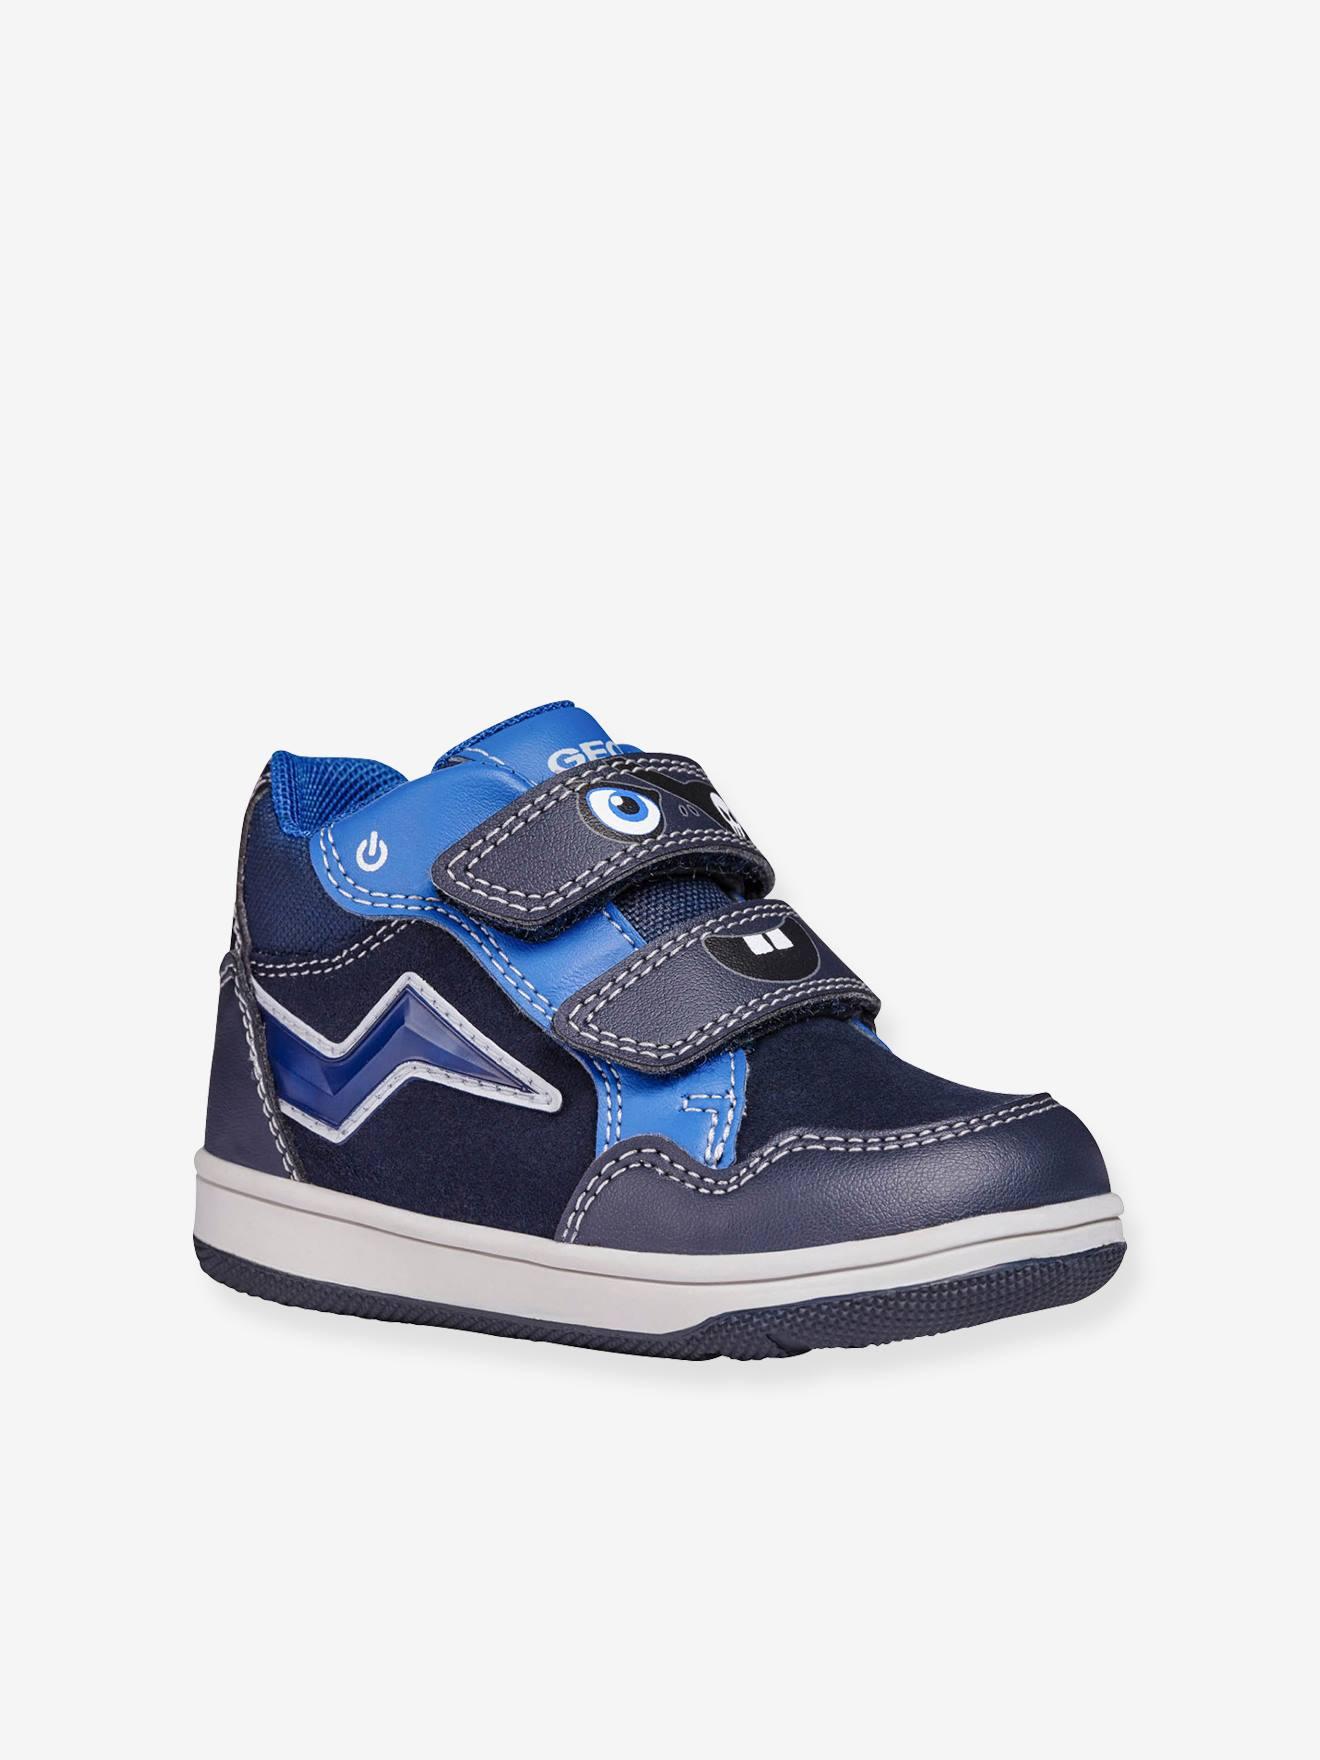 Baskets bébé garçon New Flick High GEOX® marine Geox